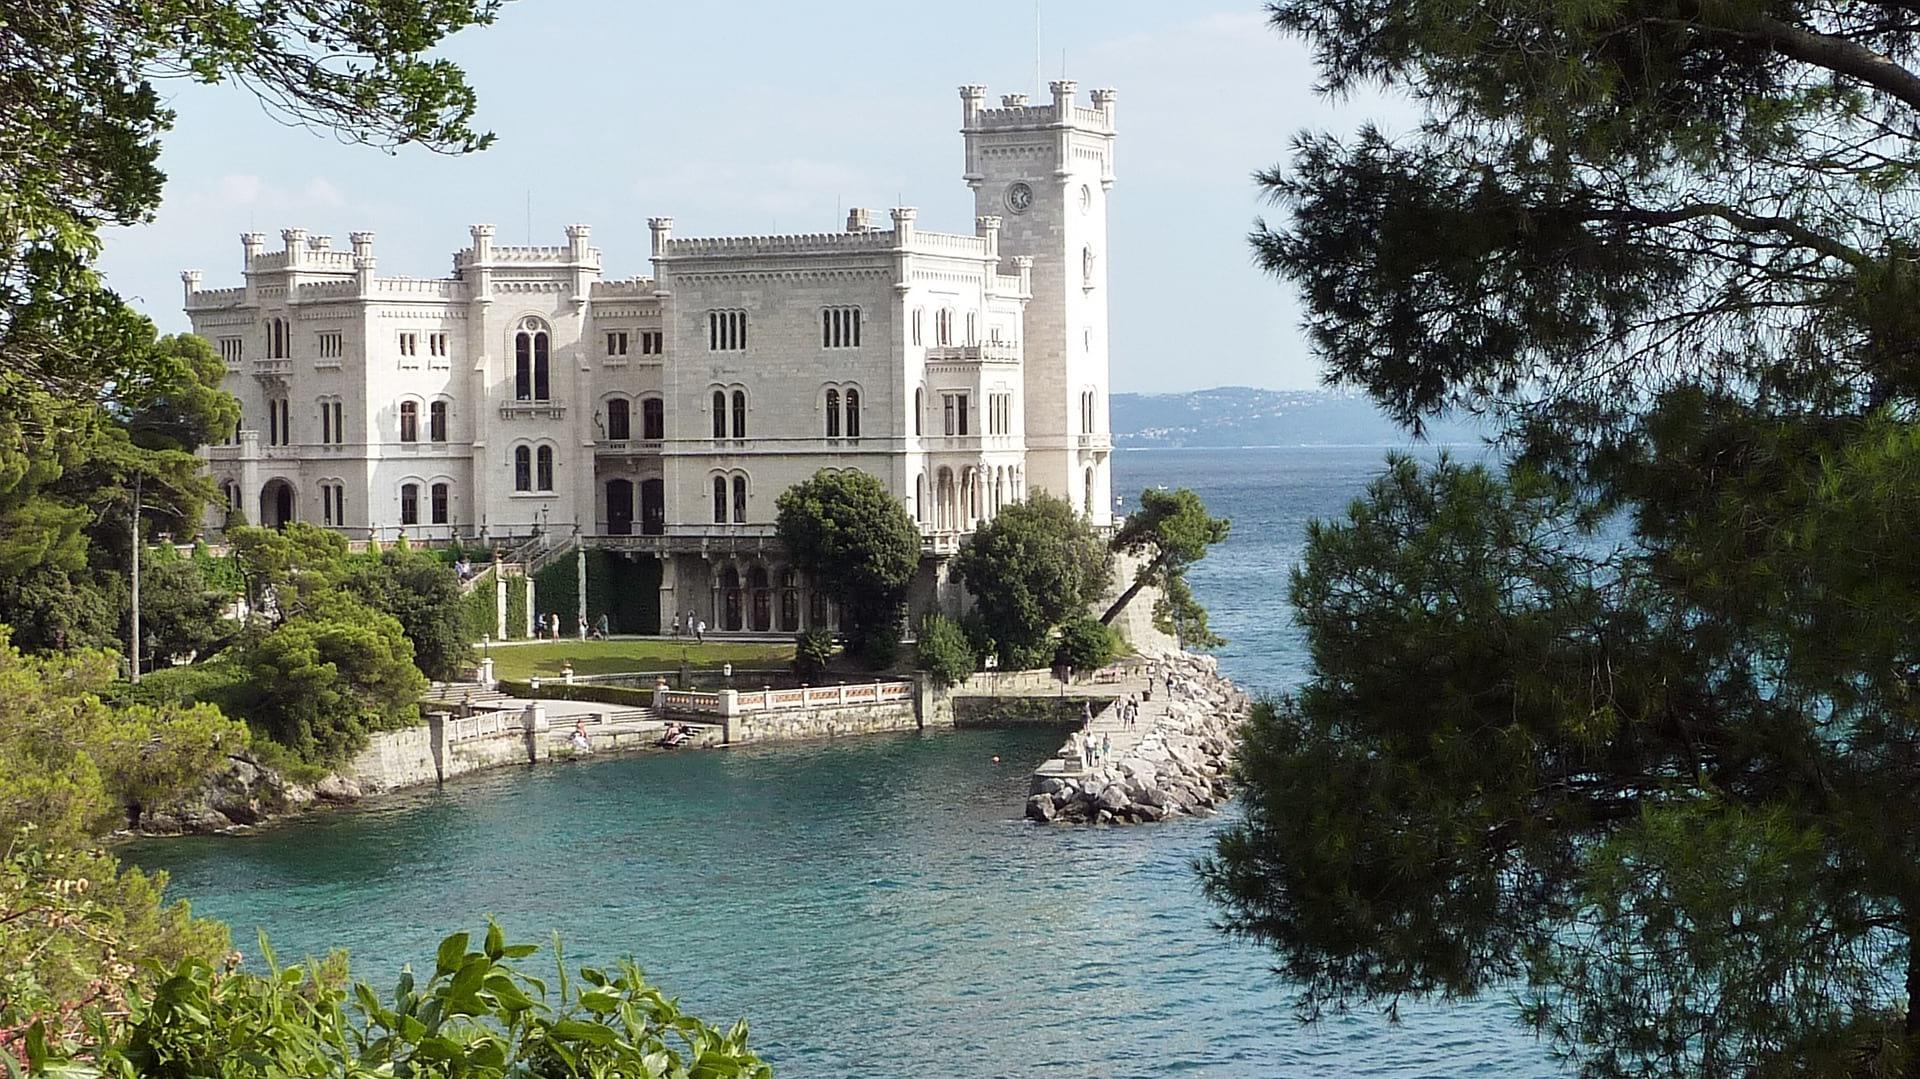 FRIULI VENEZIA GIULIA castello di miramare image